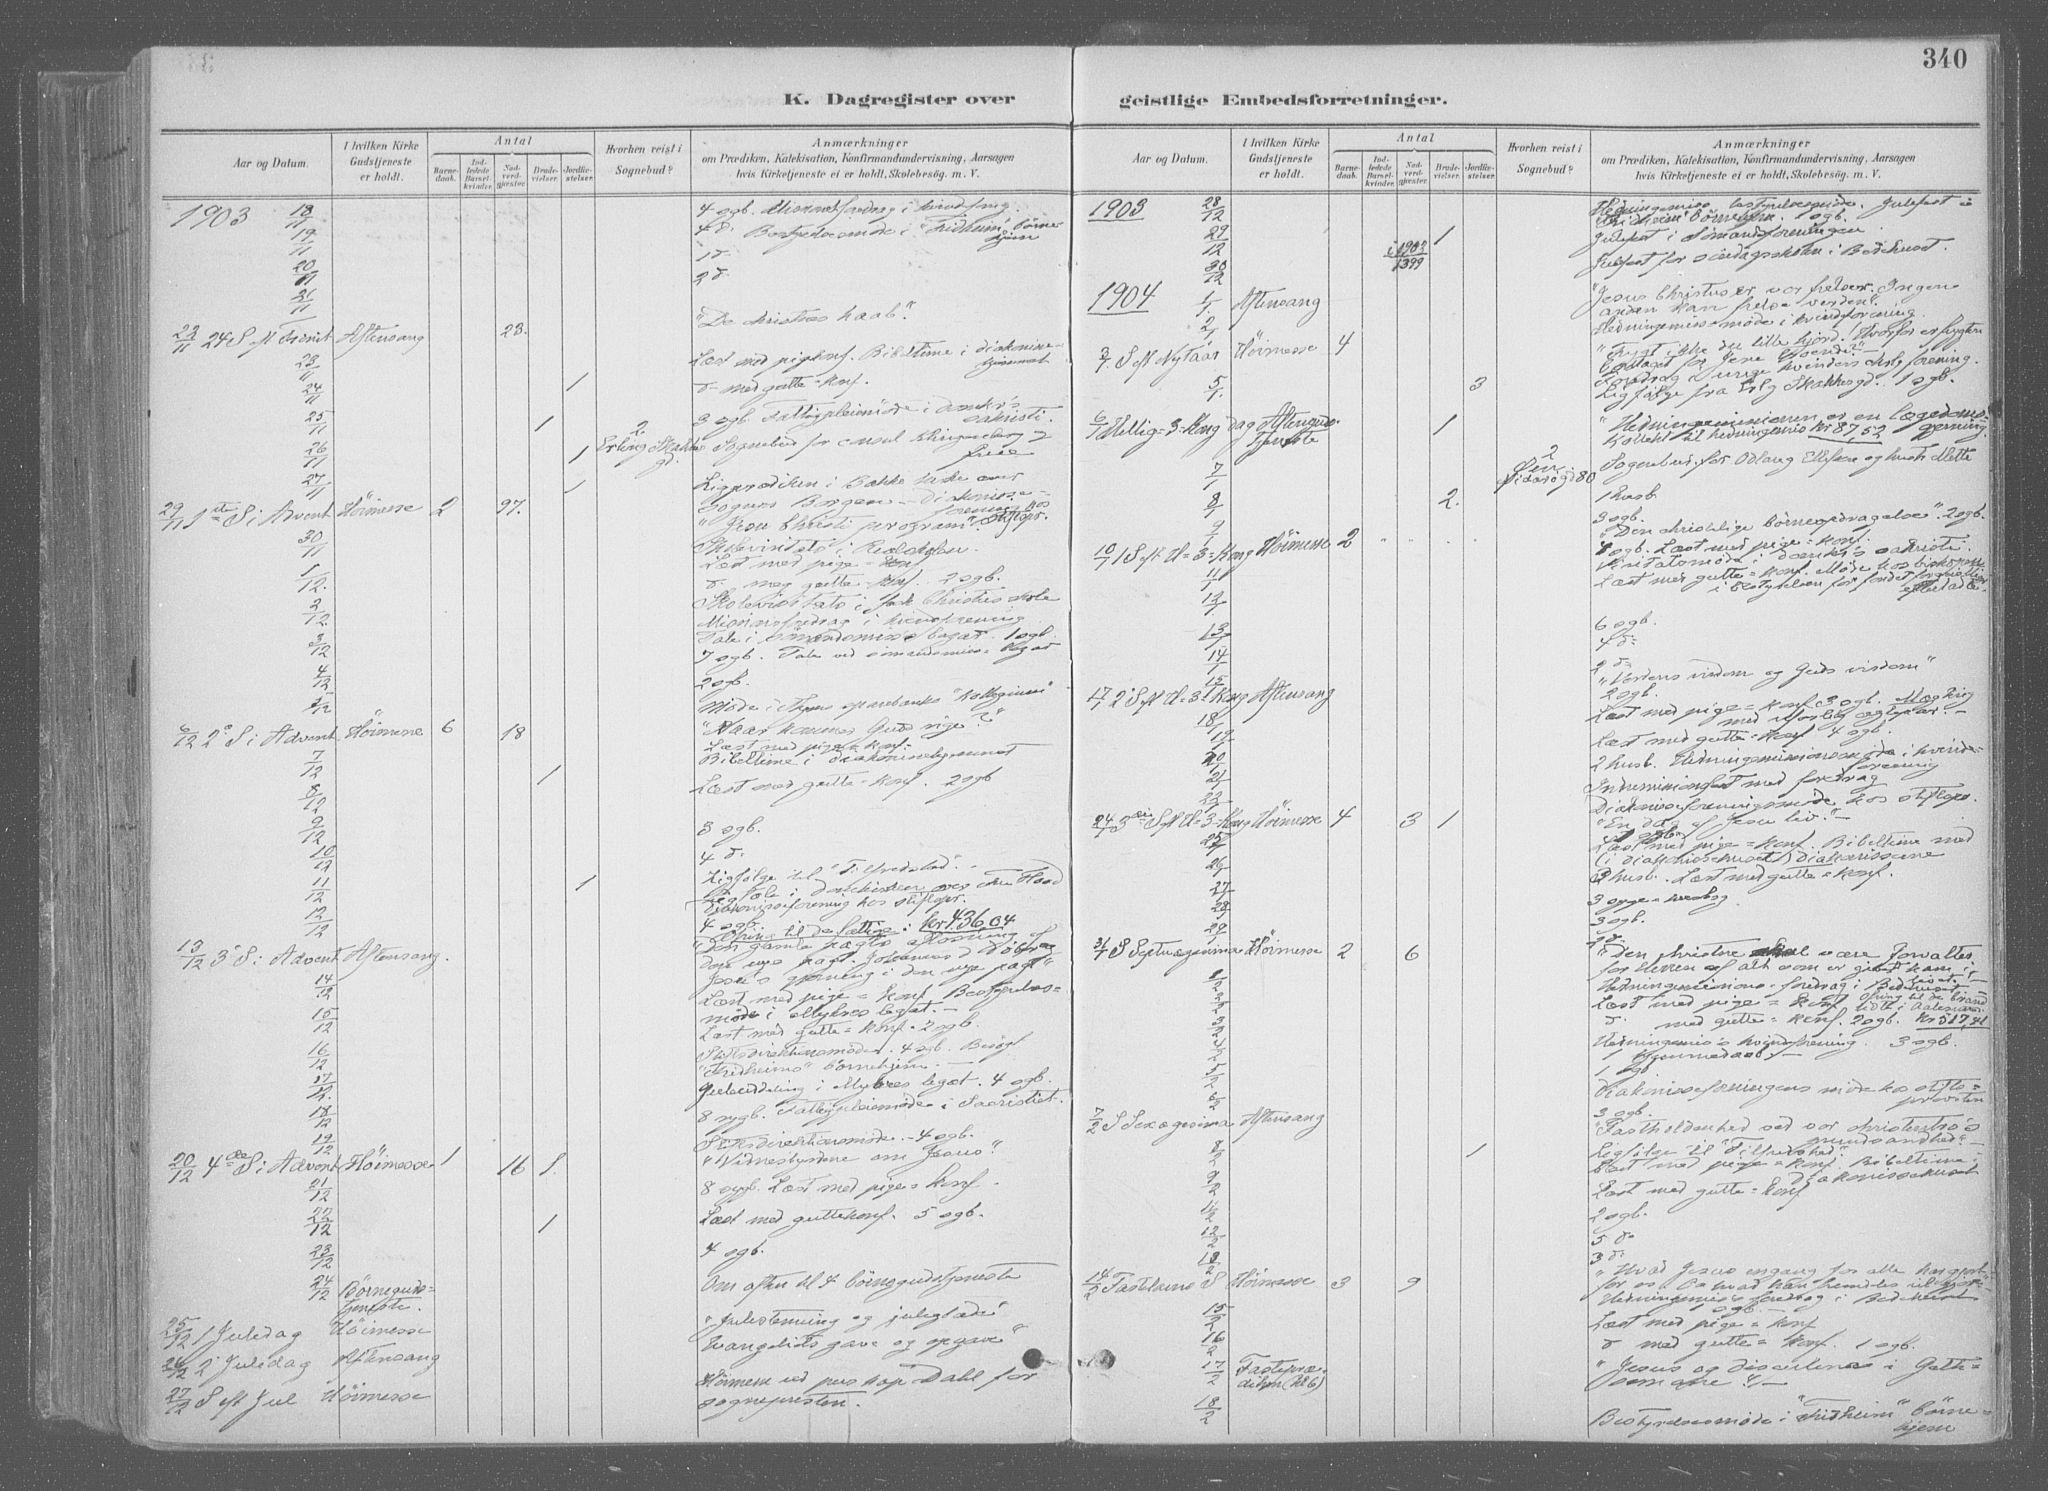 SAT, Ministerialprotokoller, klokkerbøker og fødselsregistre - Sør-Trøndelag, 601/L0064: Ministerialbok nr. 601A31, 1891-1911, s. 340